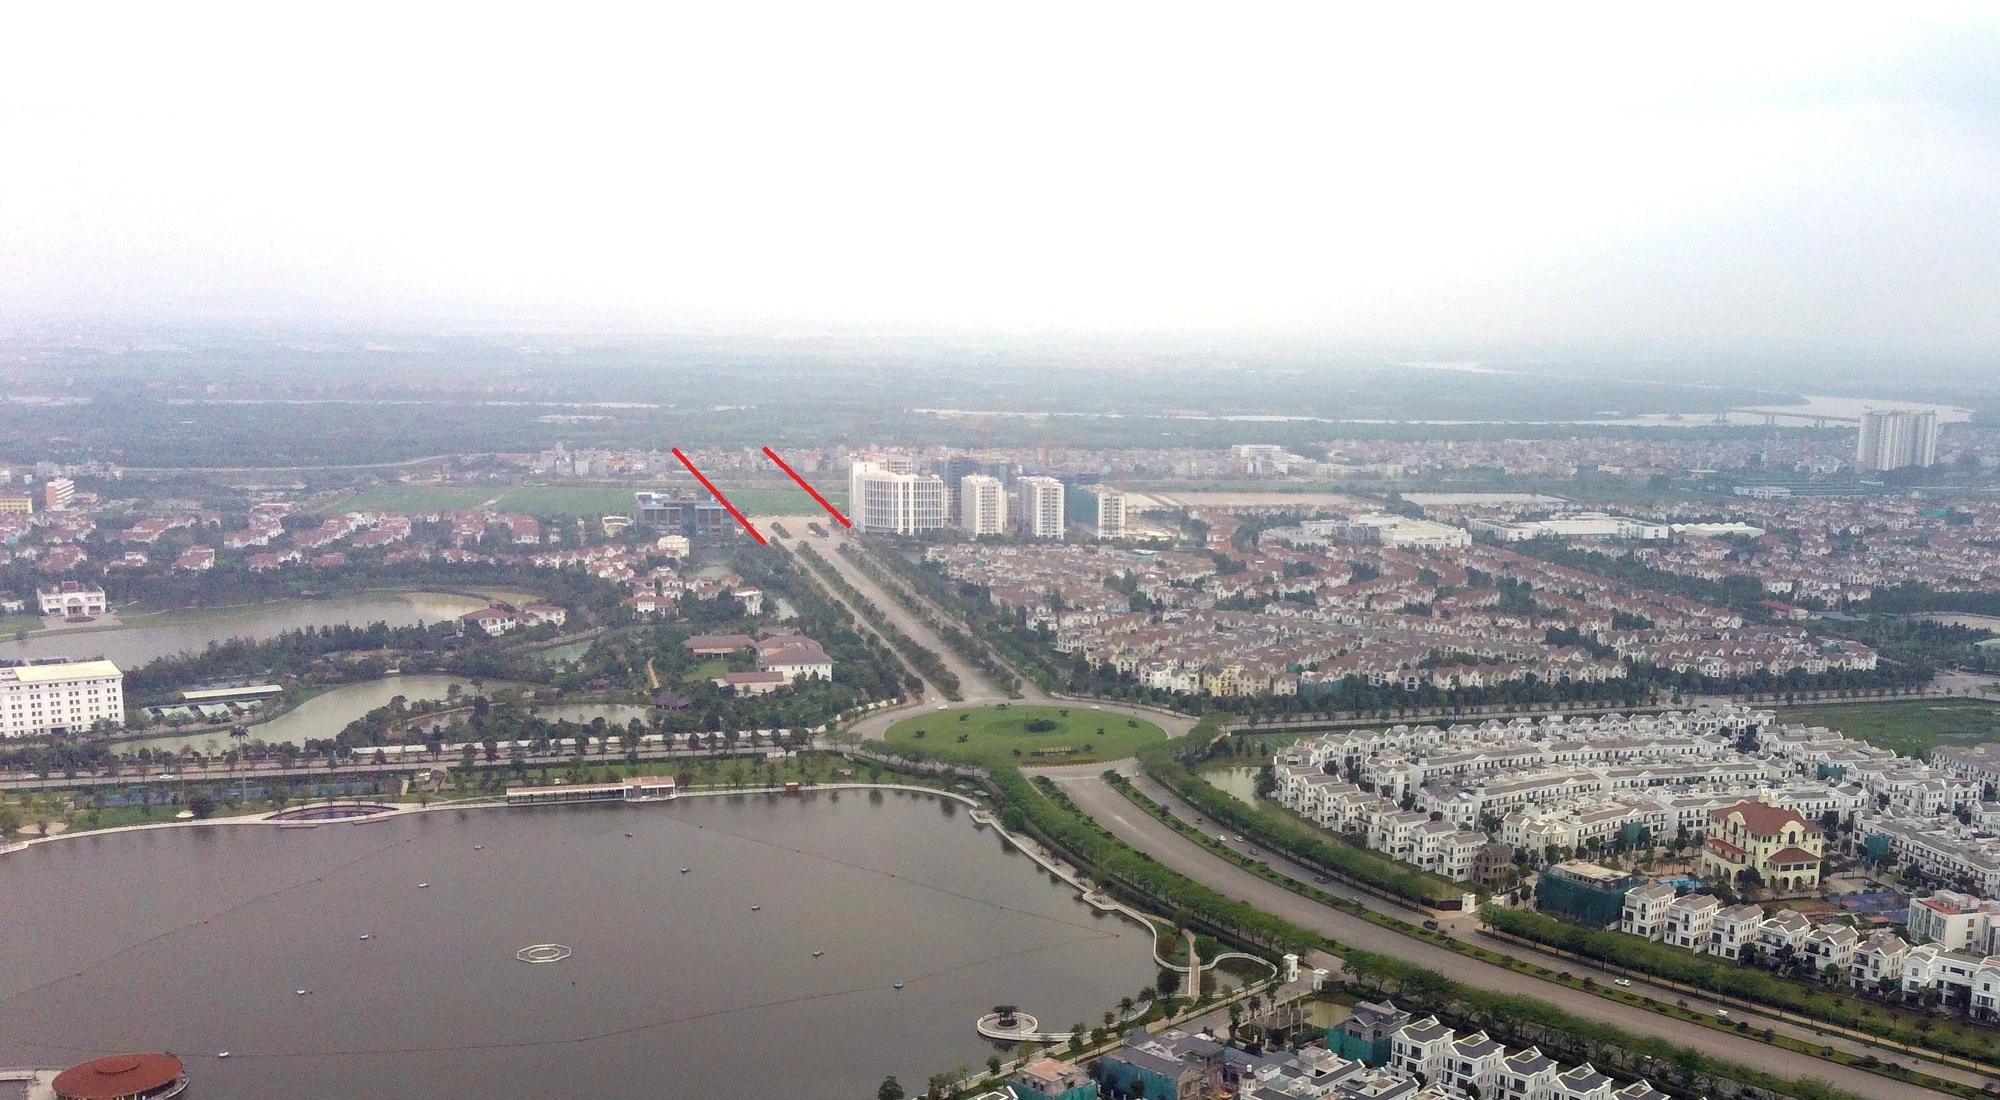 Kế hoạch sử dụng đất phường Phúc Lợi, Long Biên, Hà Nội năm 2021 - Ảnh 1.